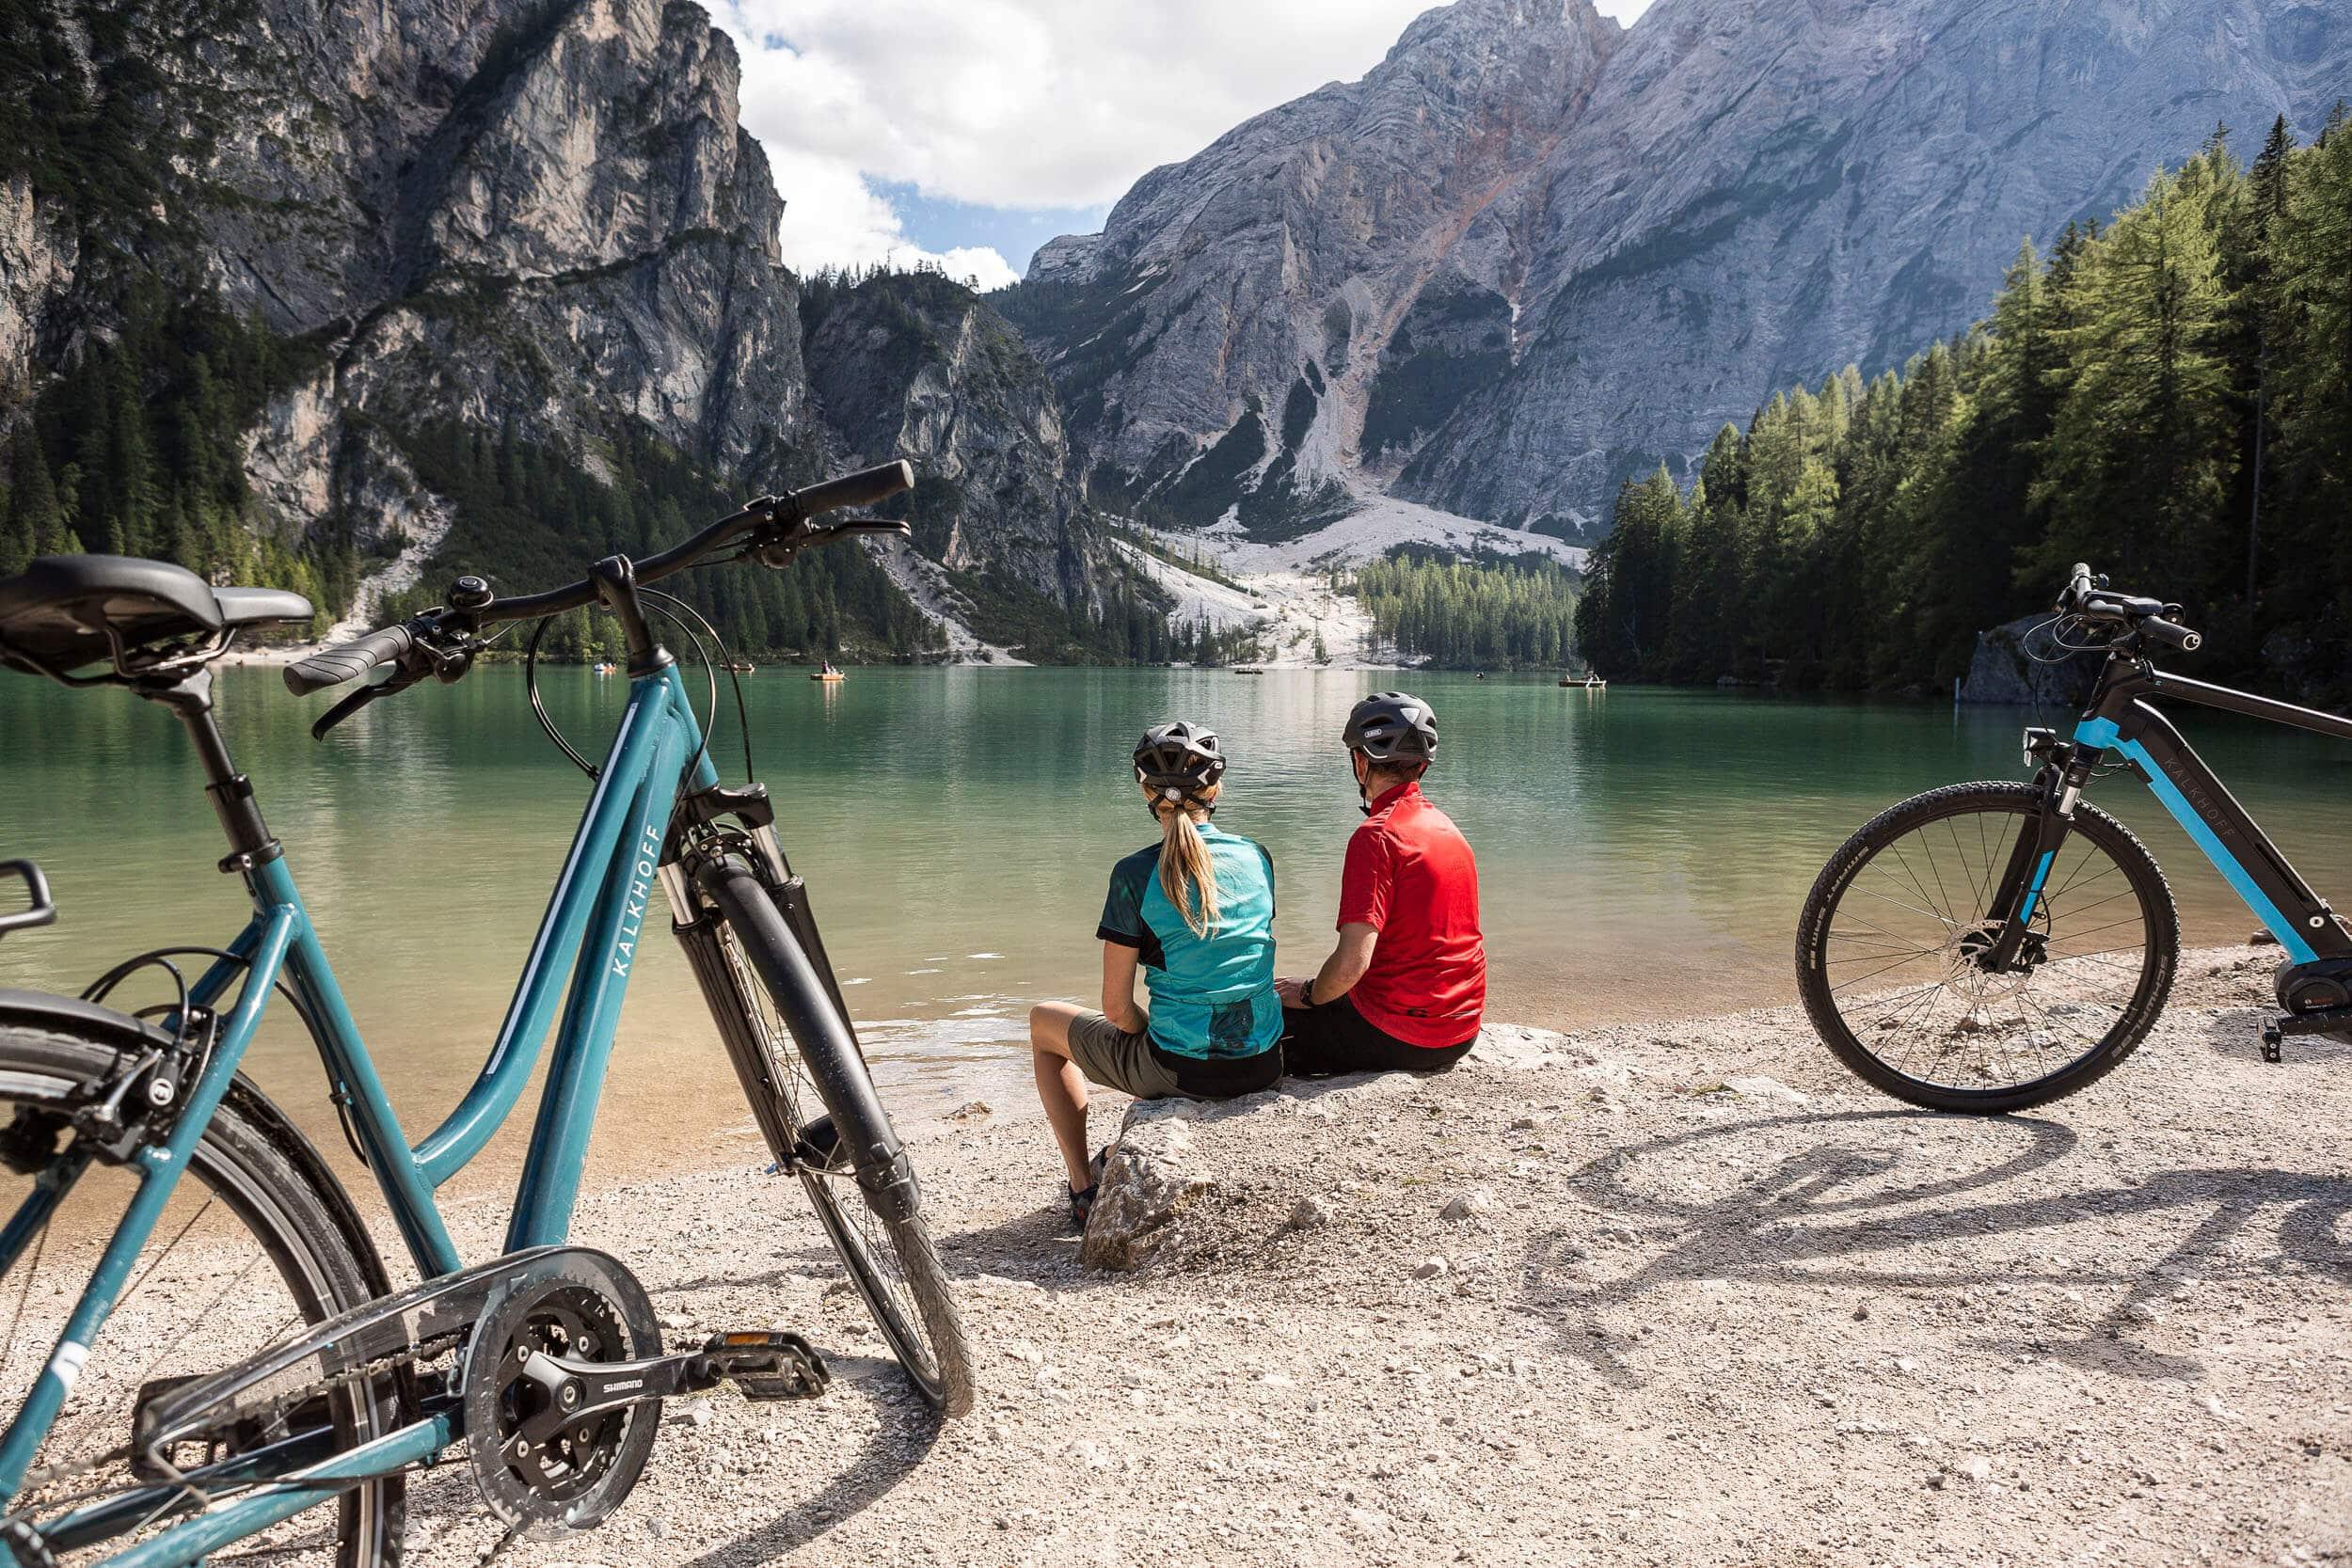 Pause der Radfahrer am See © Velontour